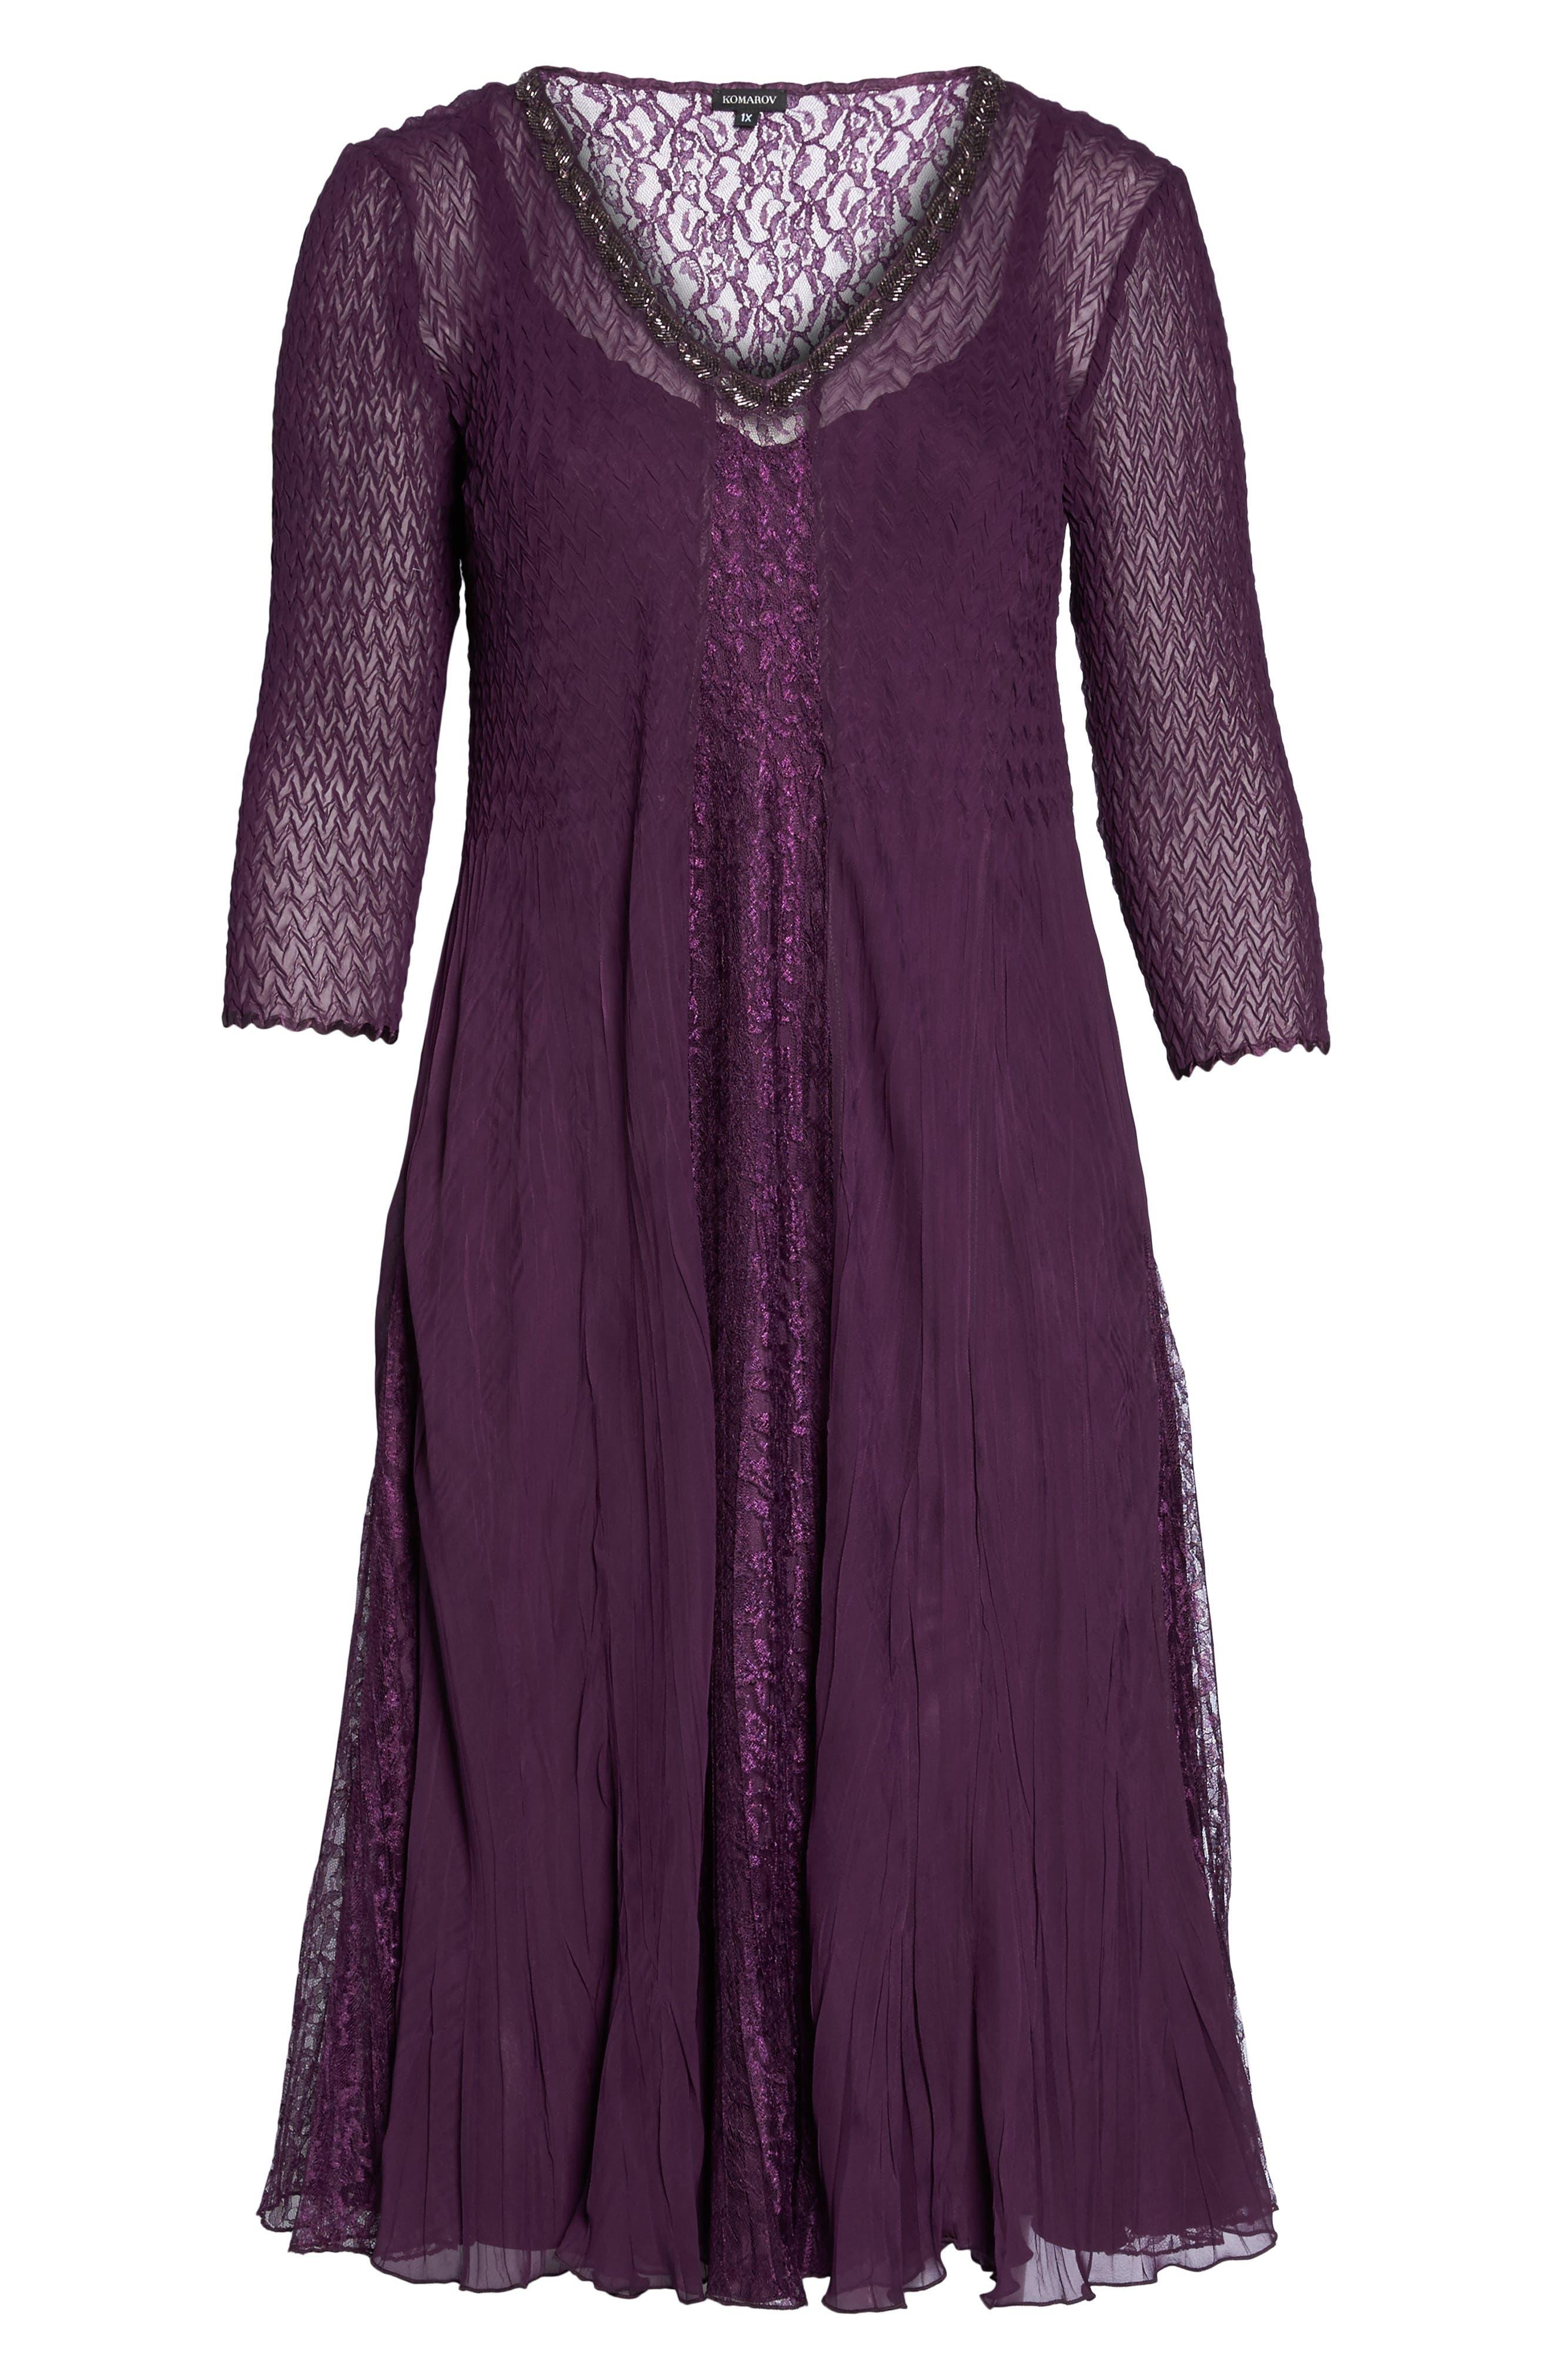 Center Front Lace Dress,                             Alternate thumbnail 6, color,                             Aubergine